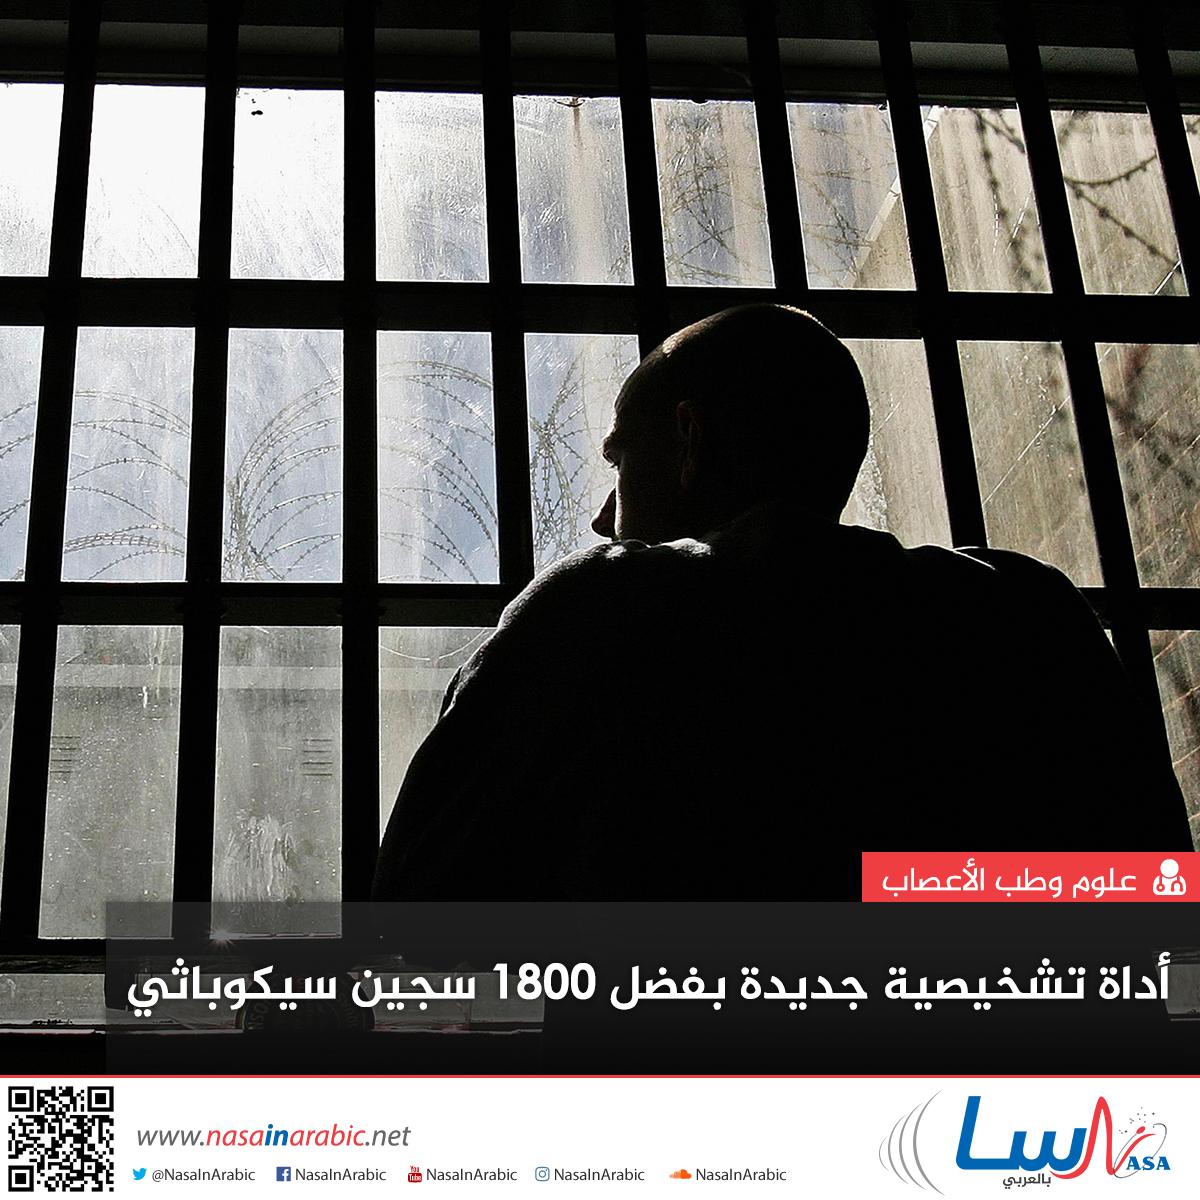 أداة تشخيصية جديدة بفضل 1800 سجين سيكوباثي